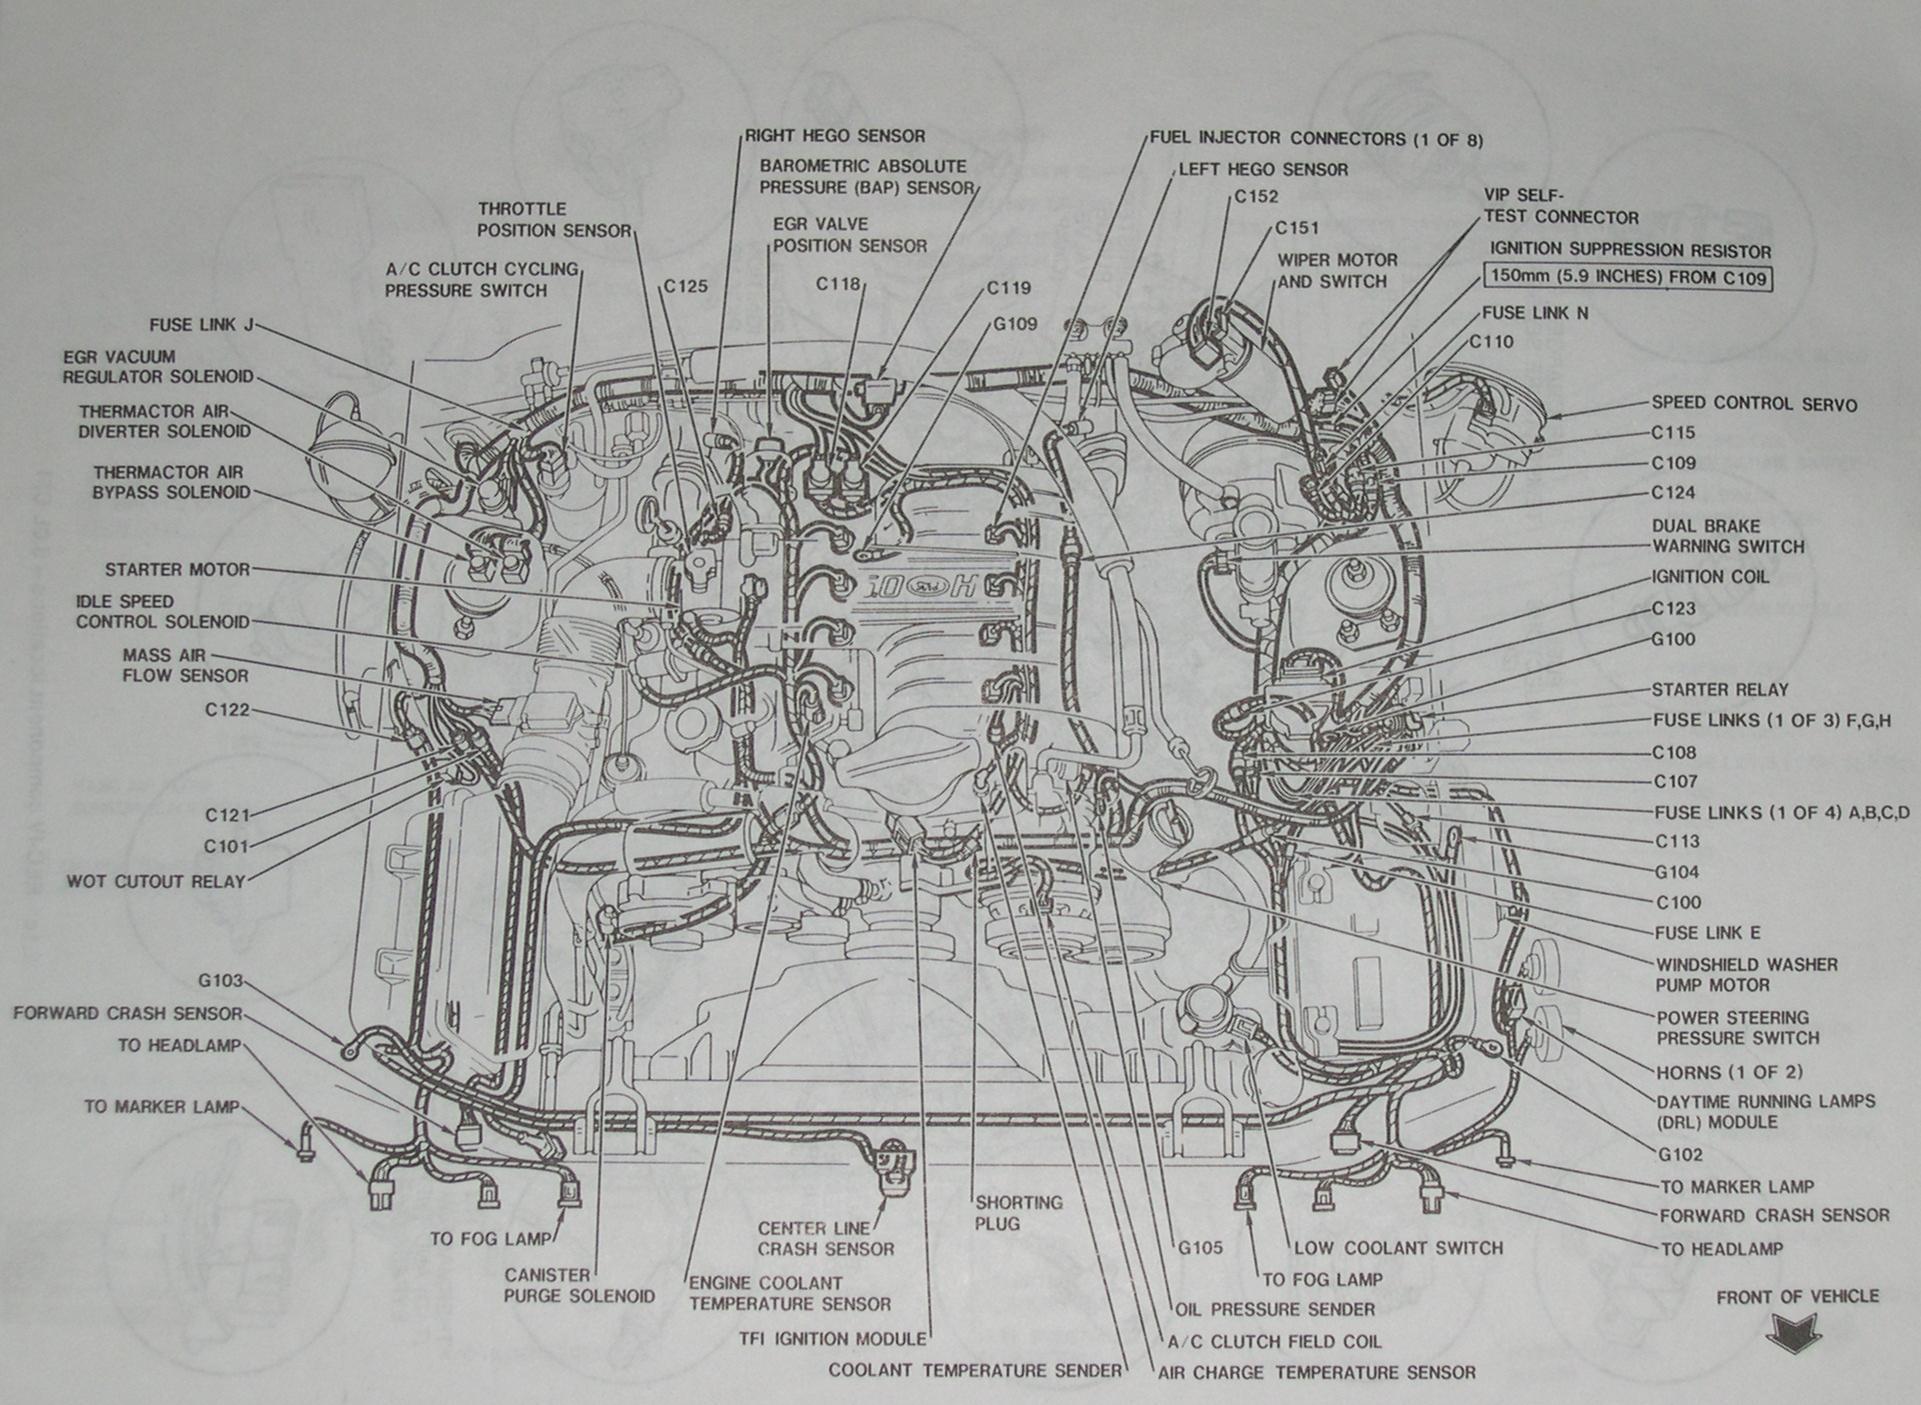 06 Mustang V6 Engine Diagram - Xt5.preistastisch.de • on 95 mustang guide, 95 mustang headlight, 95 mustang engine, 95 mustang voltage regulator, 95 mustang accessories, 95 mustang clutch diagram, 95 mustang rear suspension, 95 mustang fuel gauge, 95 mustang electrical wiring, 95 mustang lights, 95 mustang dimensions, 95 mustang relays diagram, 95 mustang vacuum diagram, 95 mustang frame, 95 mustang firing order, 95 mustang fuel tank, 95 mustang brake system, 95 mustang ford, 95 mustang speedometer, 95 mustang dash removal,